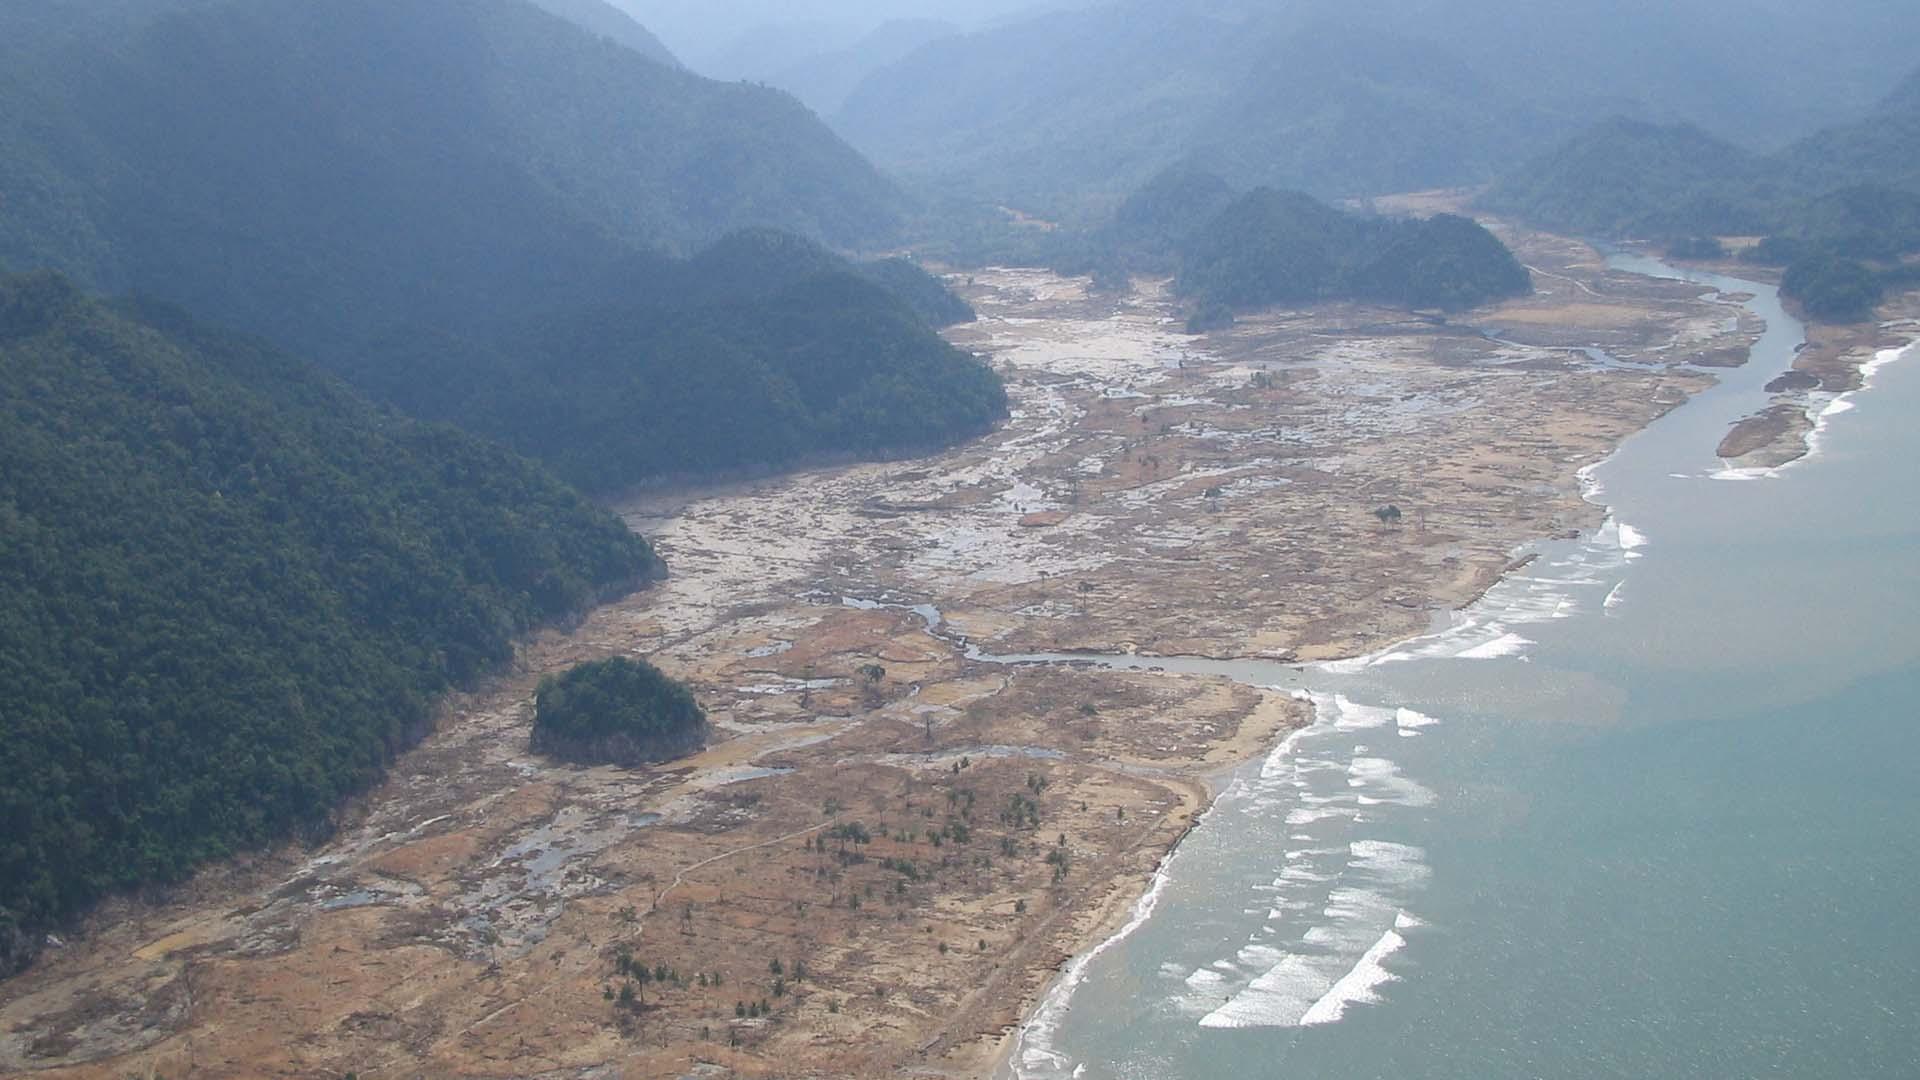 Un terremoto de 7.9 sacudió el país y activó la alarma marítima reviviendo el recuerdo del desastre 2004